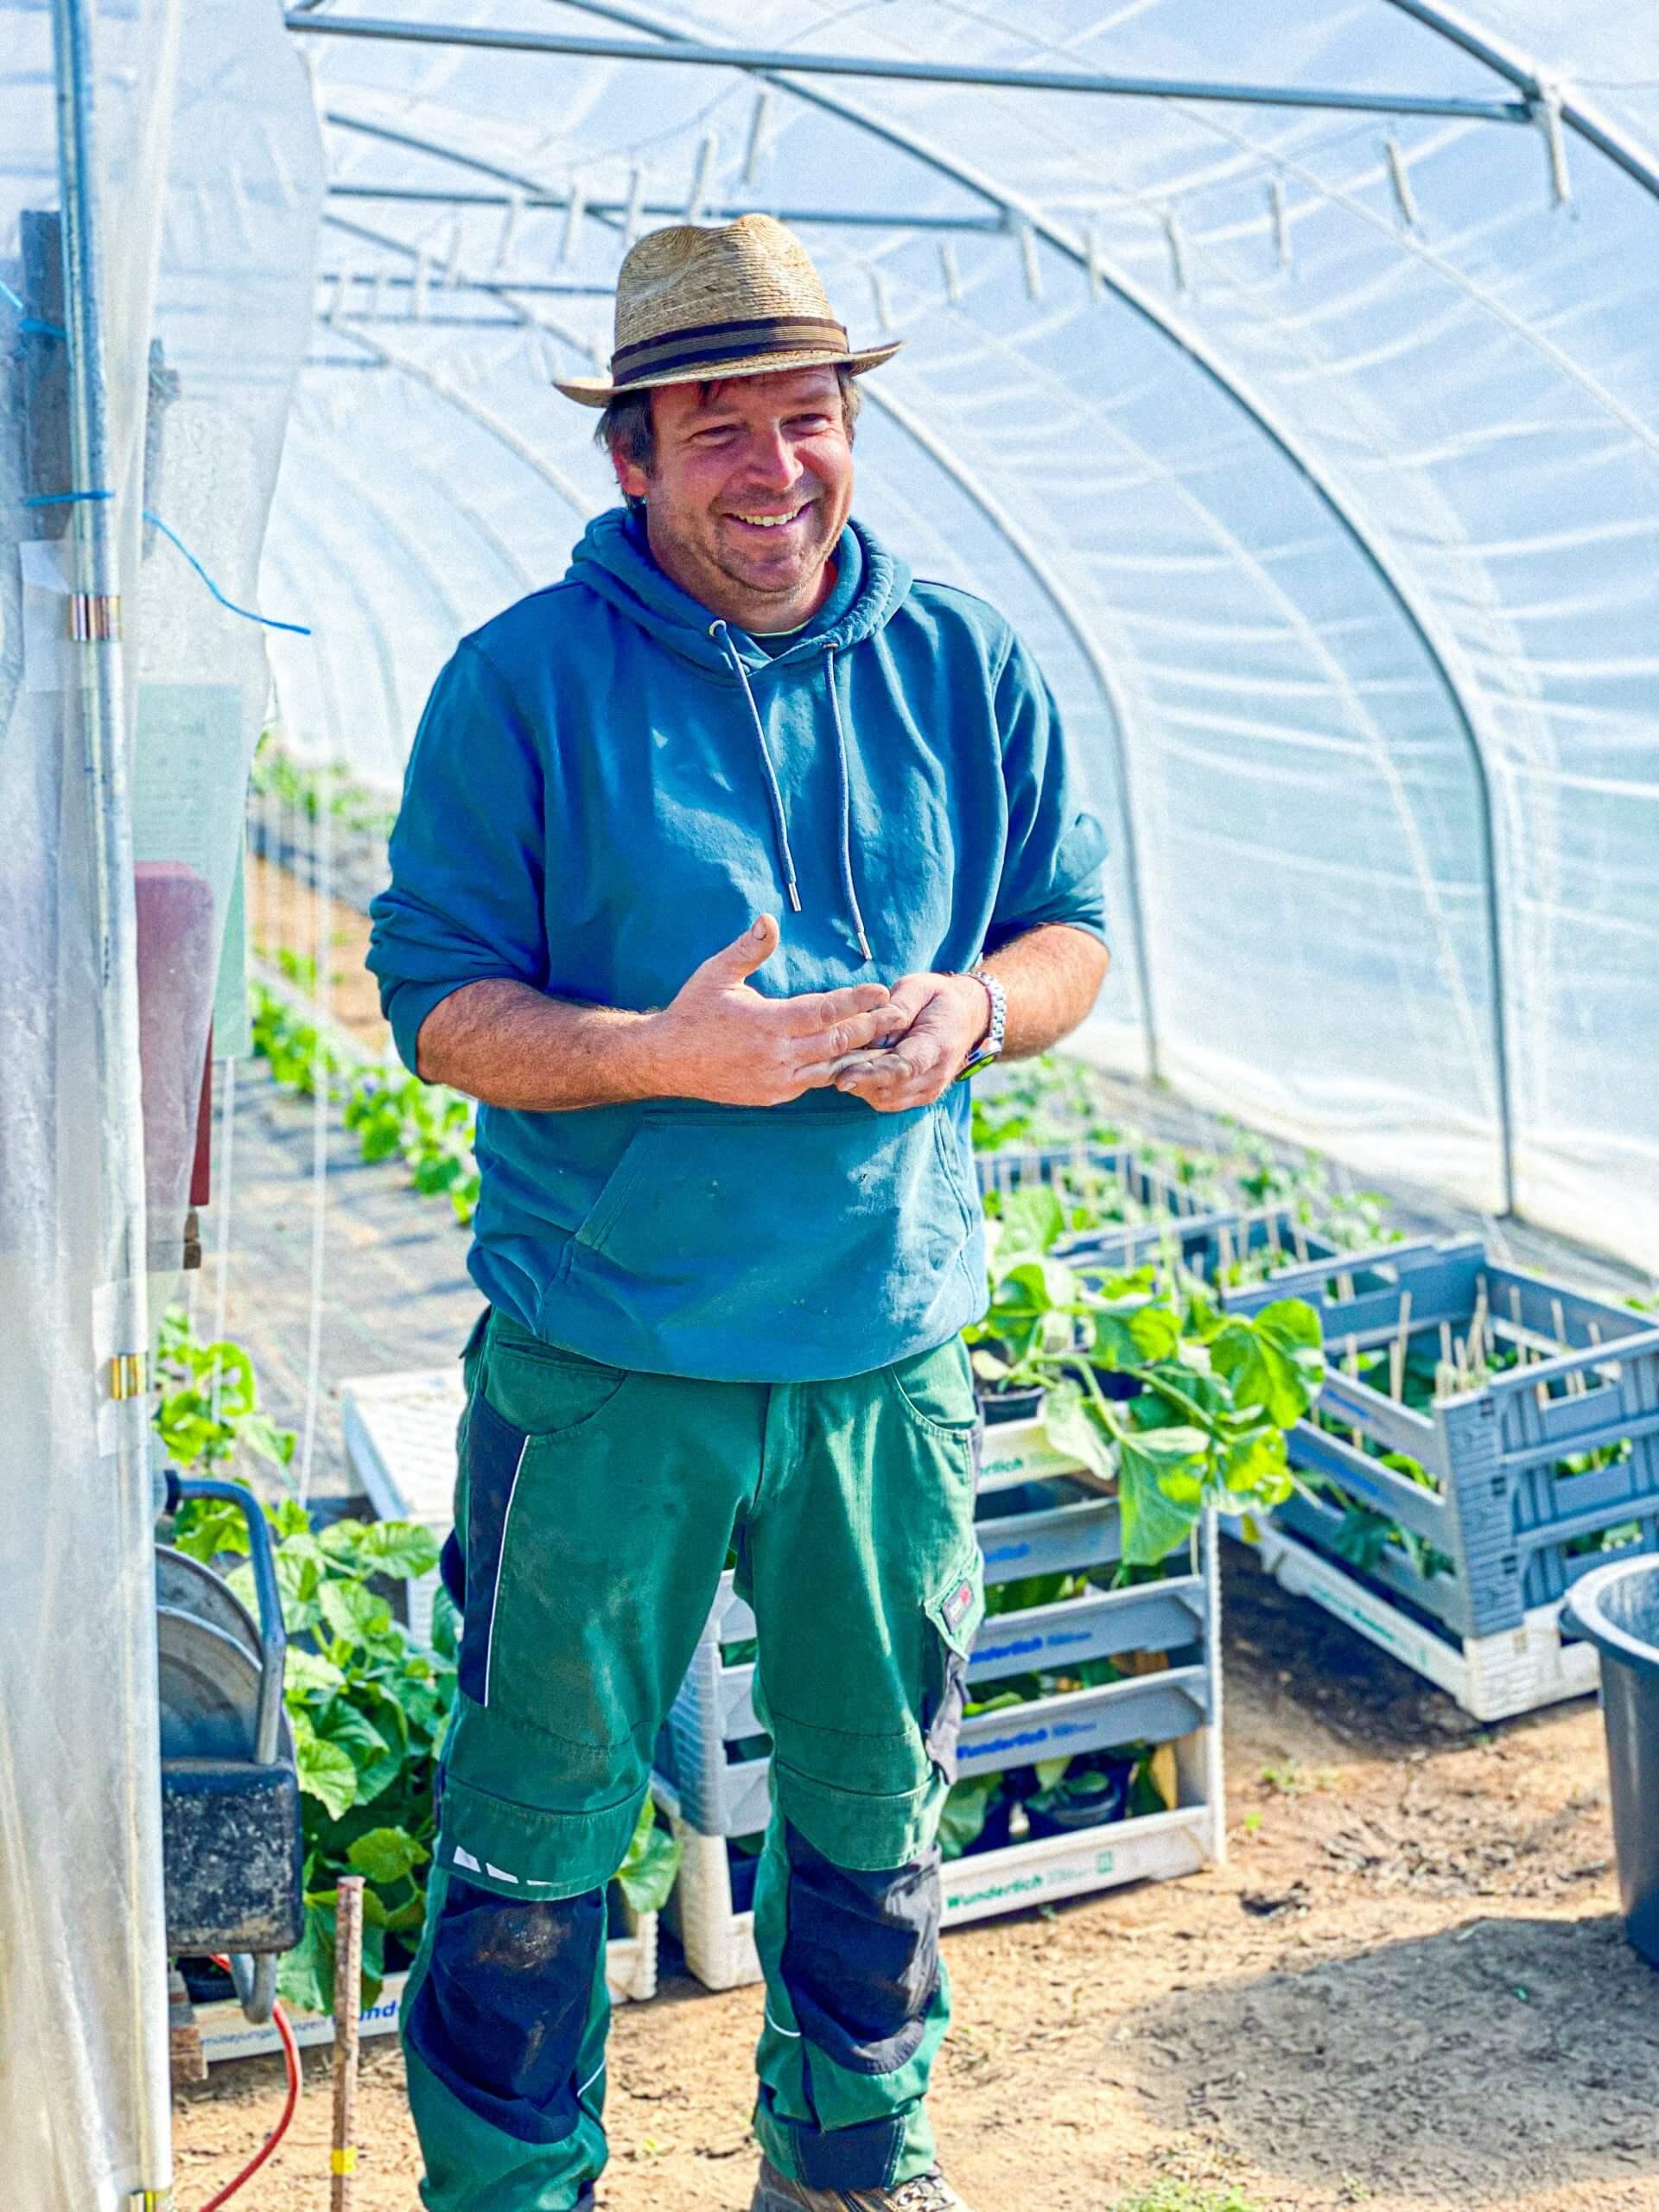 Unsere Biosaison – ein Sommer auf dem Bauernhof